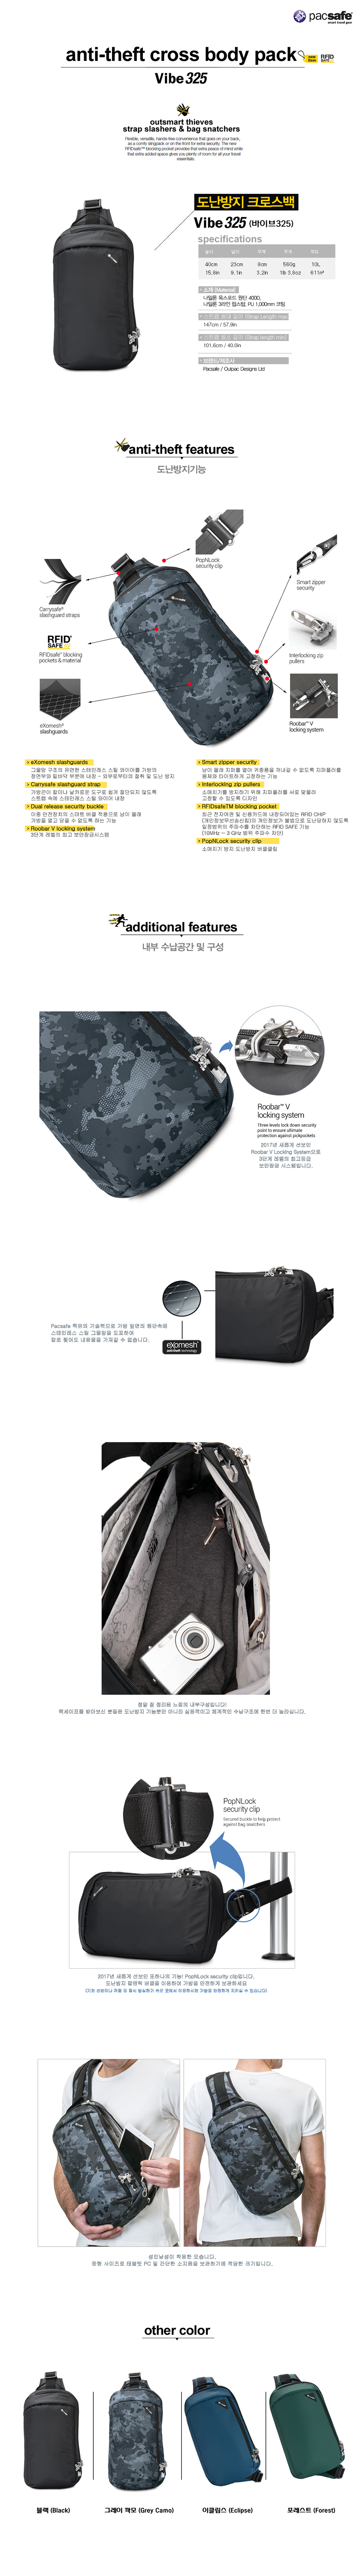 [팩세이프]PACSAFE - Vibe 325 Black 공식수입정품 (도난방지 여행용 크로스 슬링백)